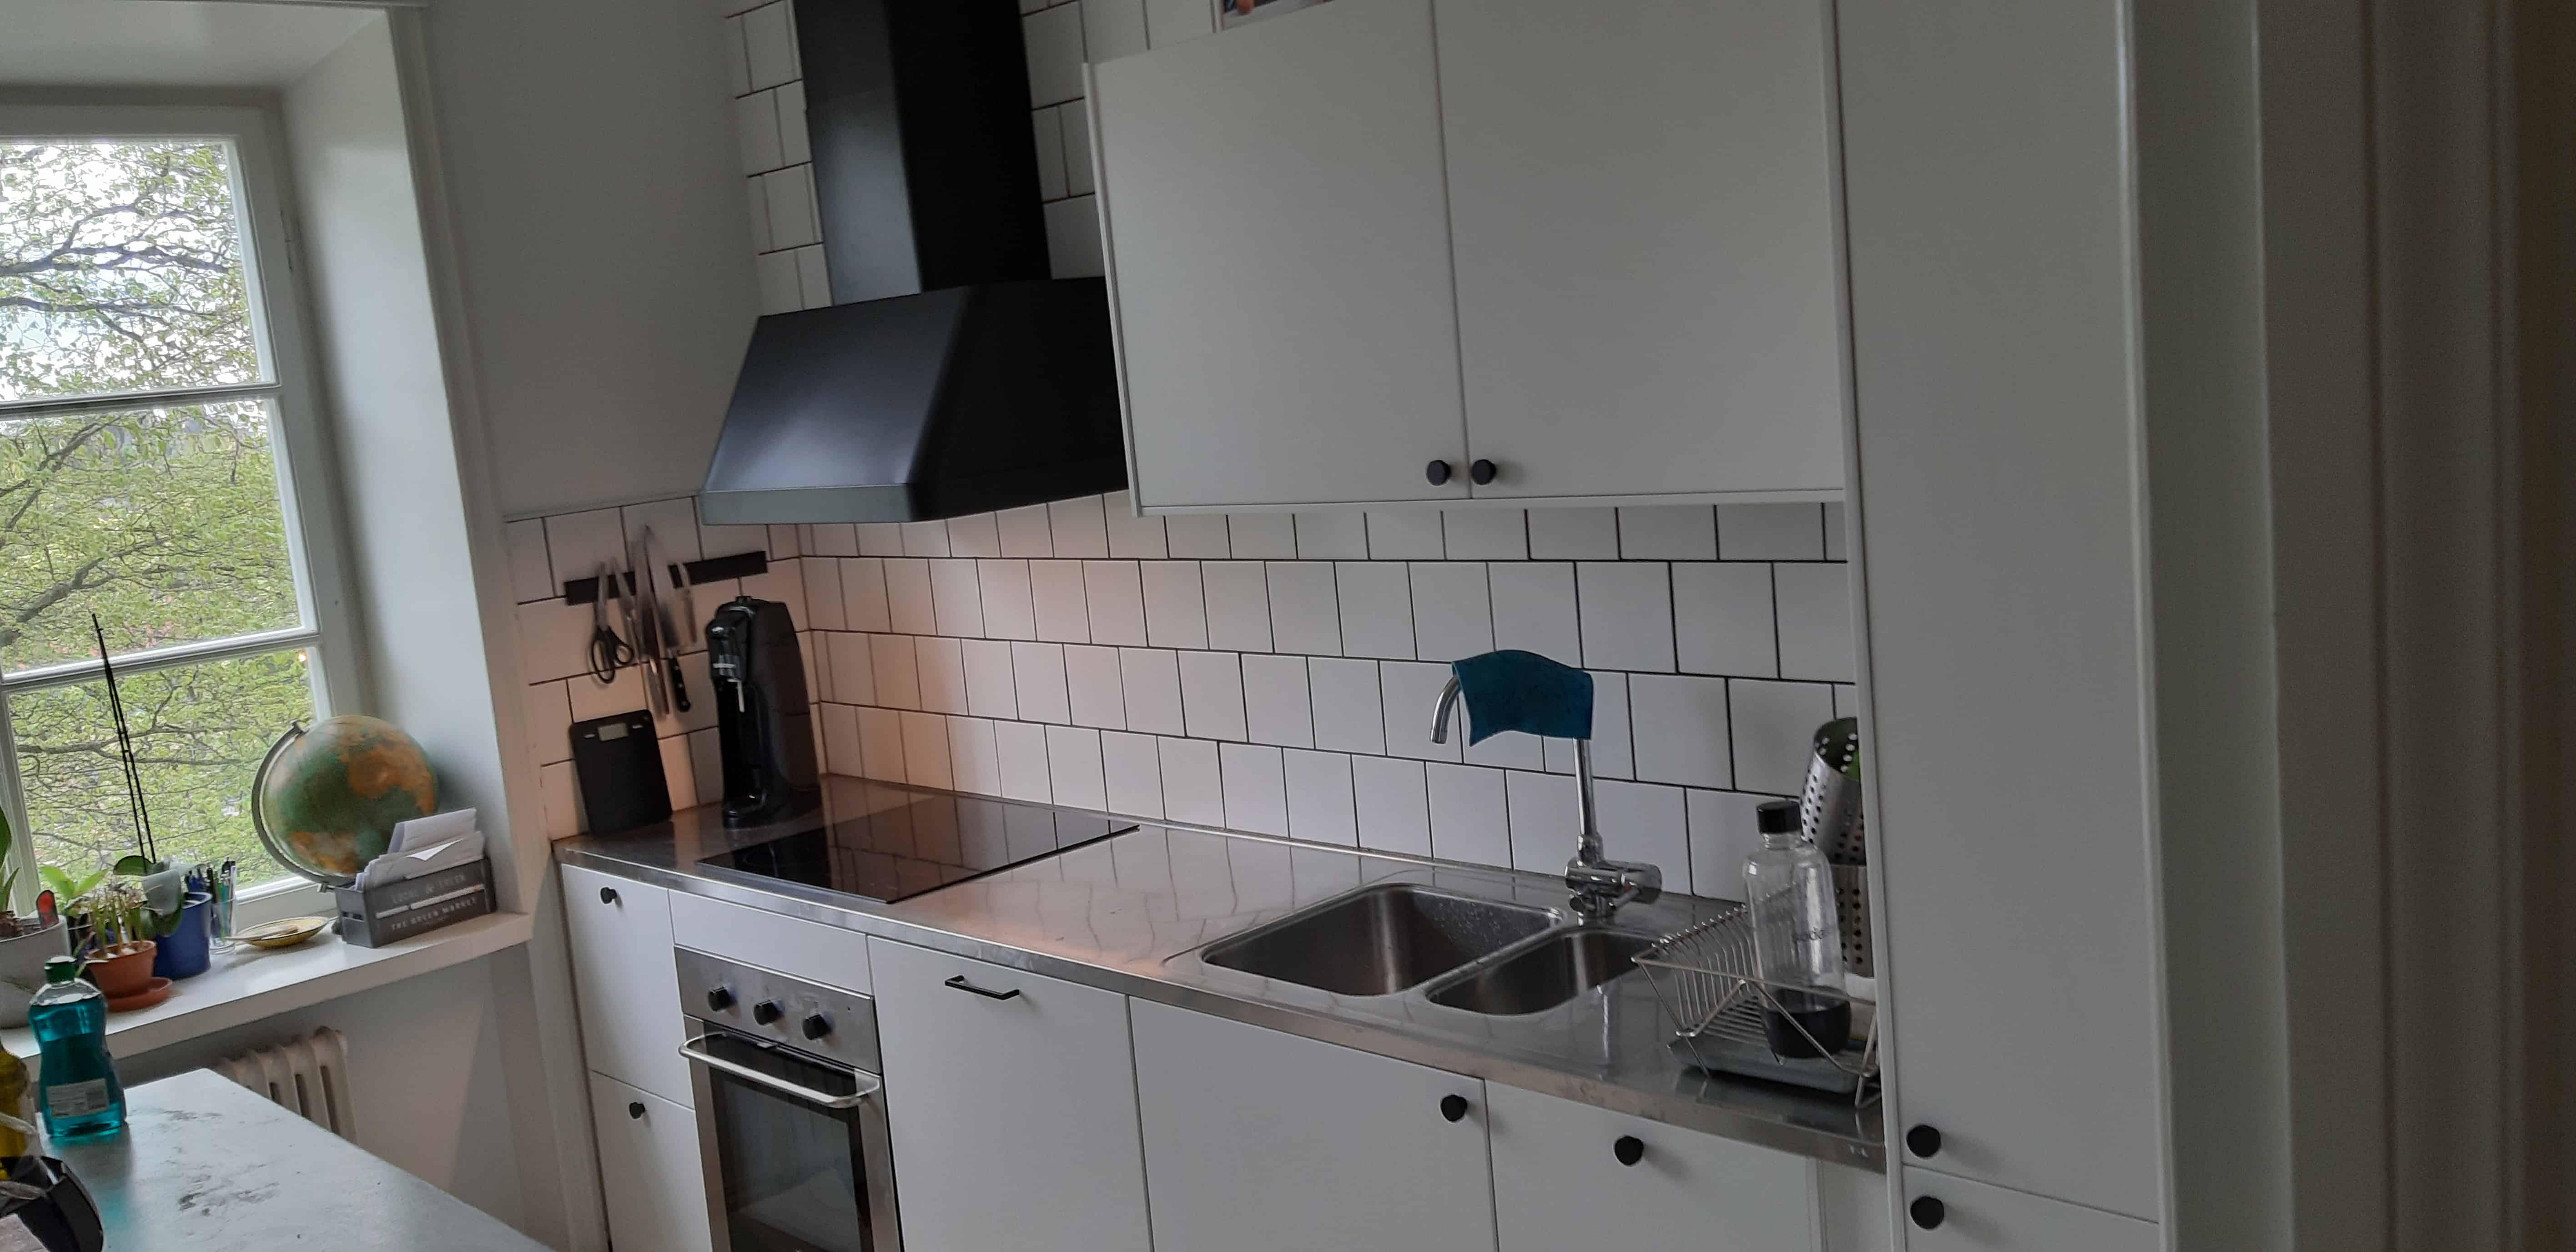 """Referensjobb """"Köksrenovering Hornstull"""" utfört av Firma: DRAKENBORN, SVEN"""